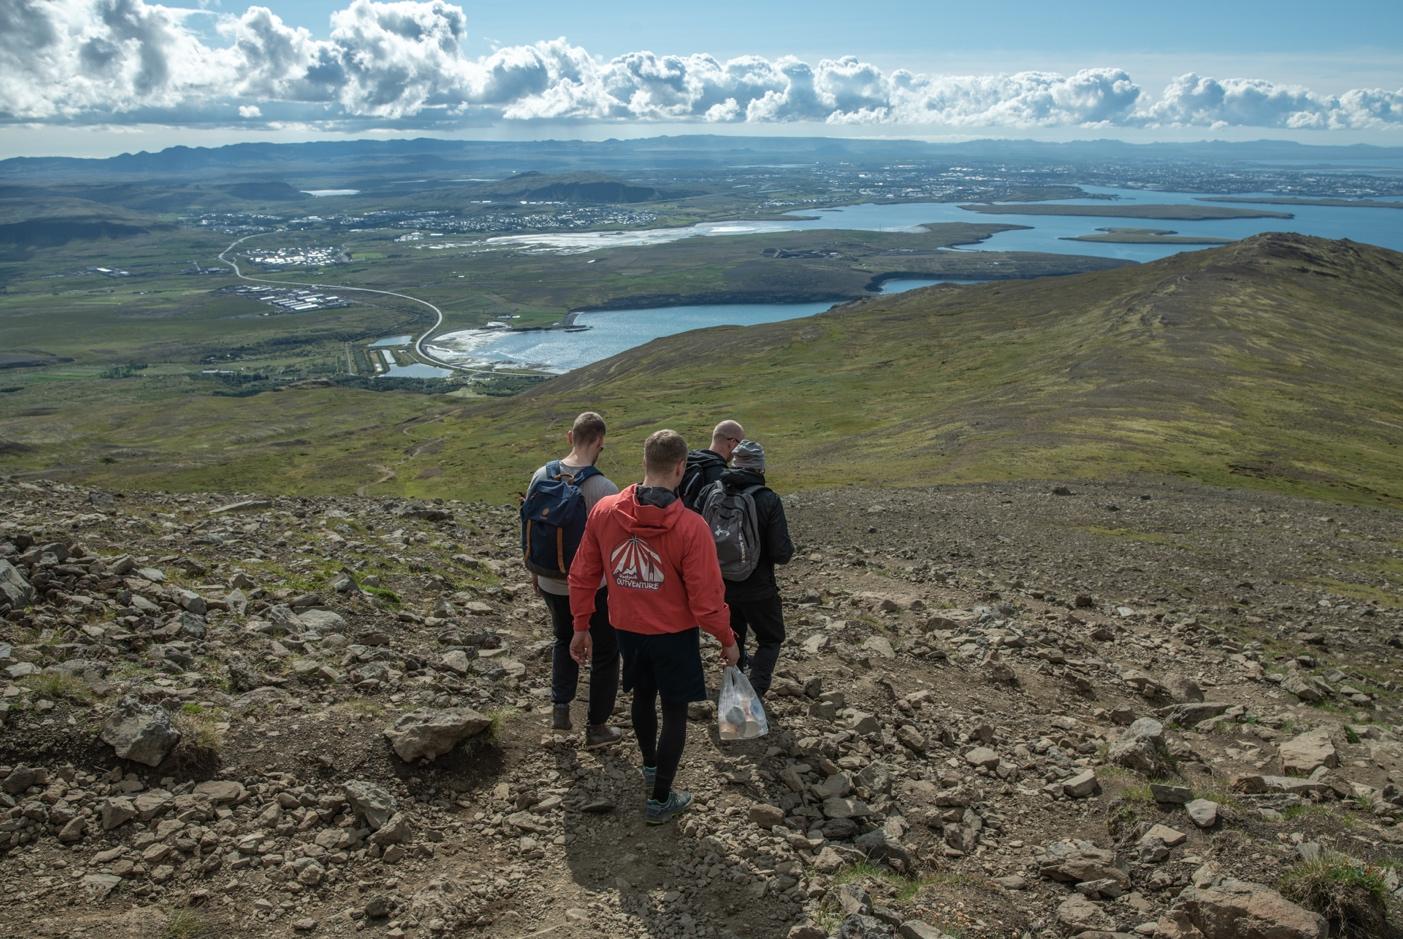 Mount Esja Hike Iceland - Mt. Esja Hike Iceland